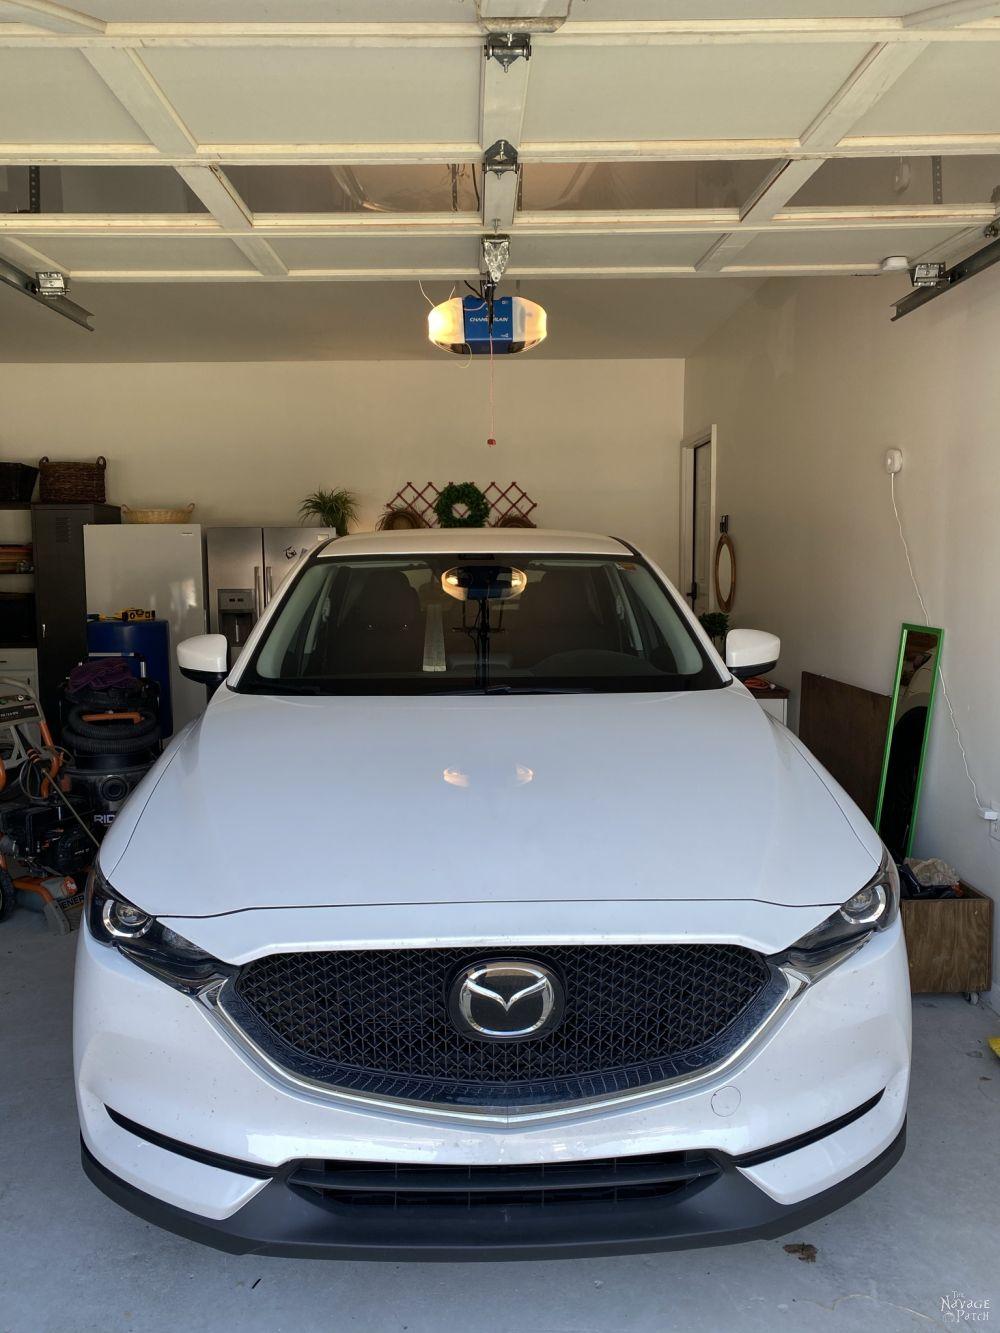 chamberlain smart garage door opener